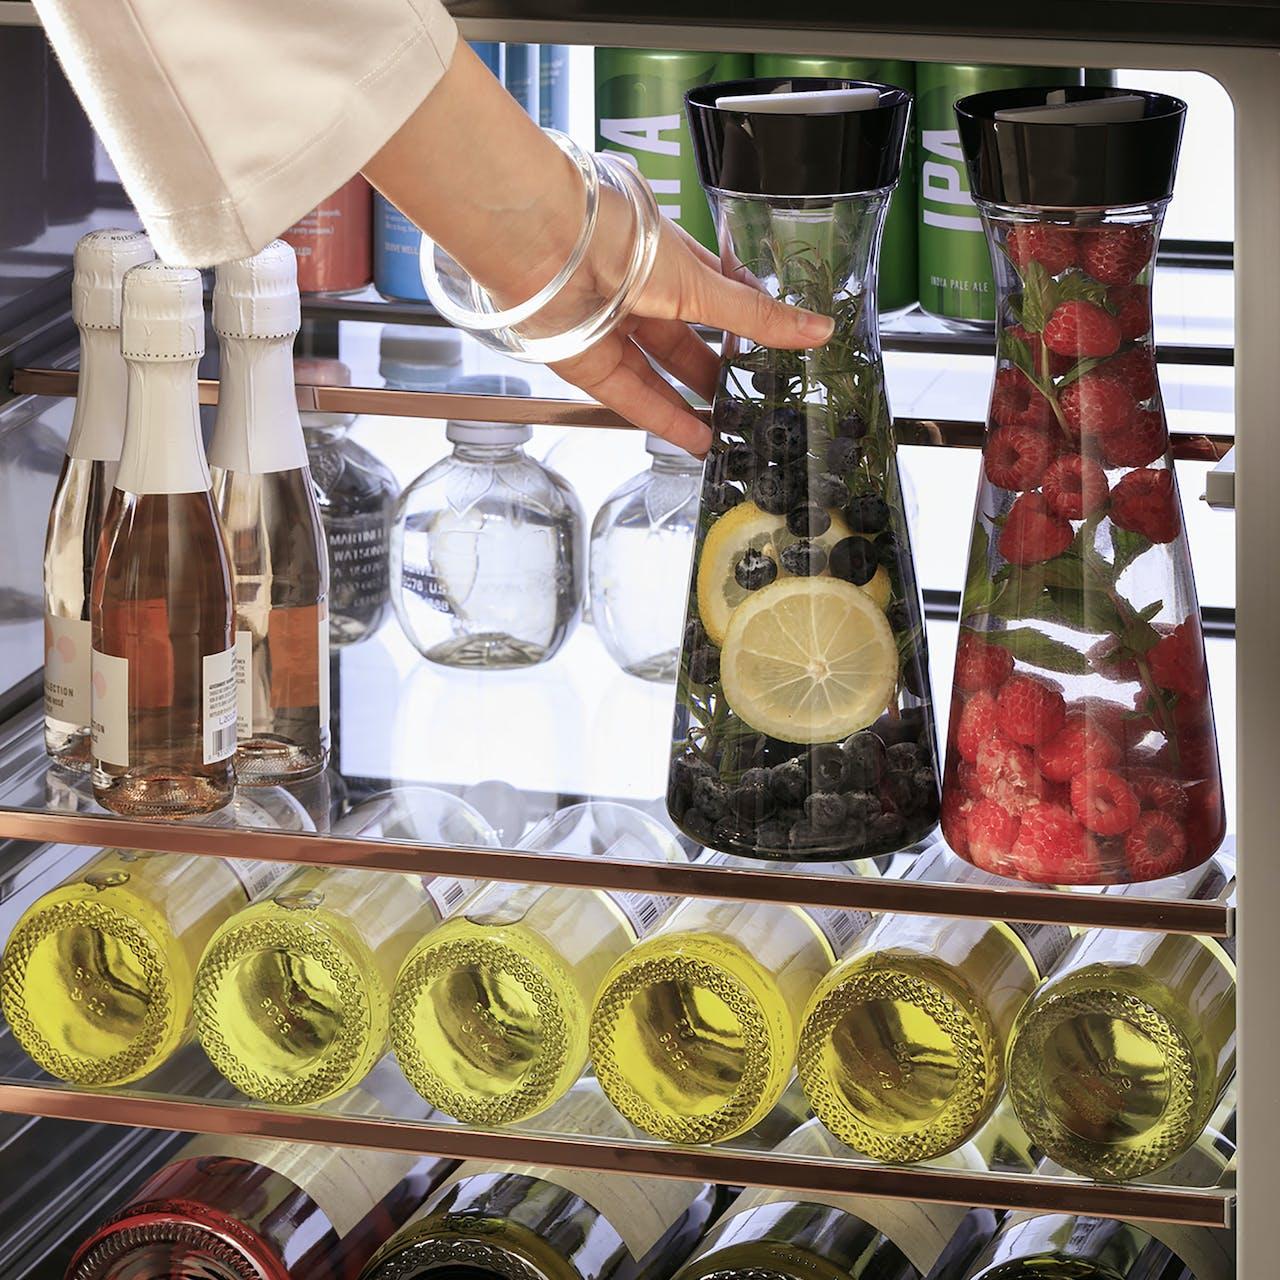 bottles in café beverage center